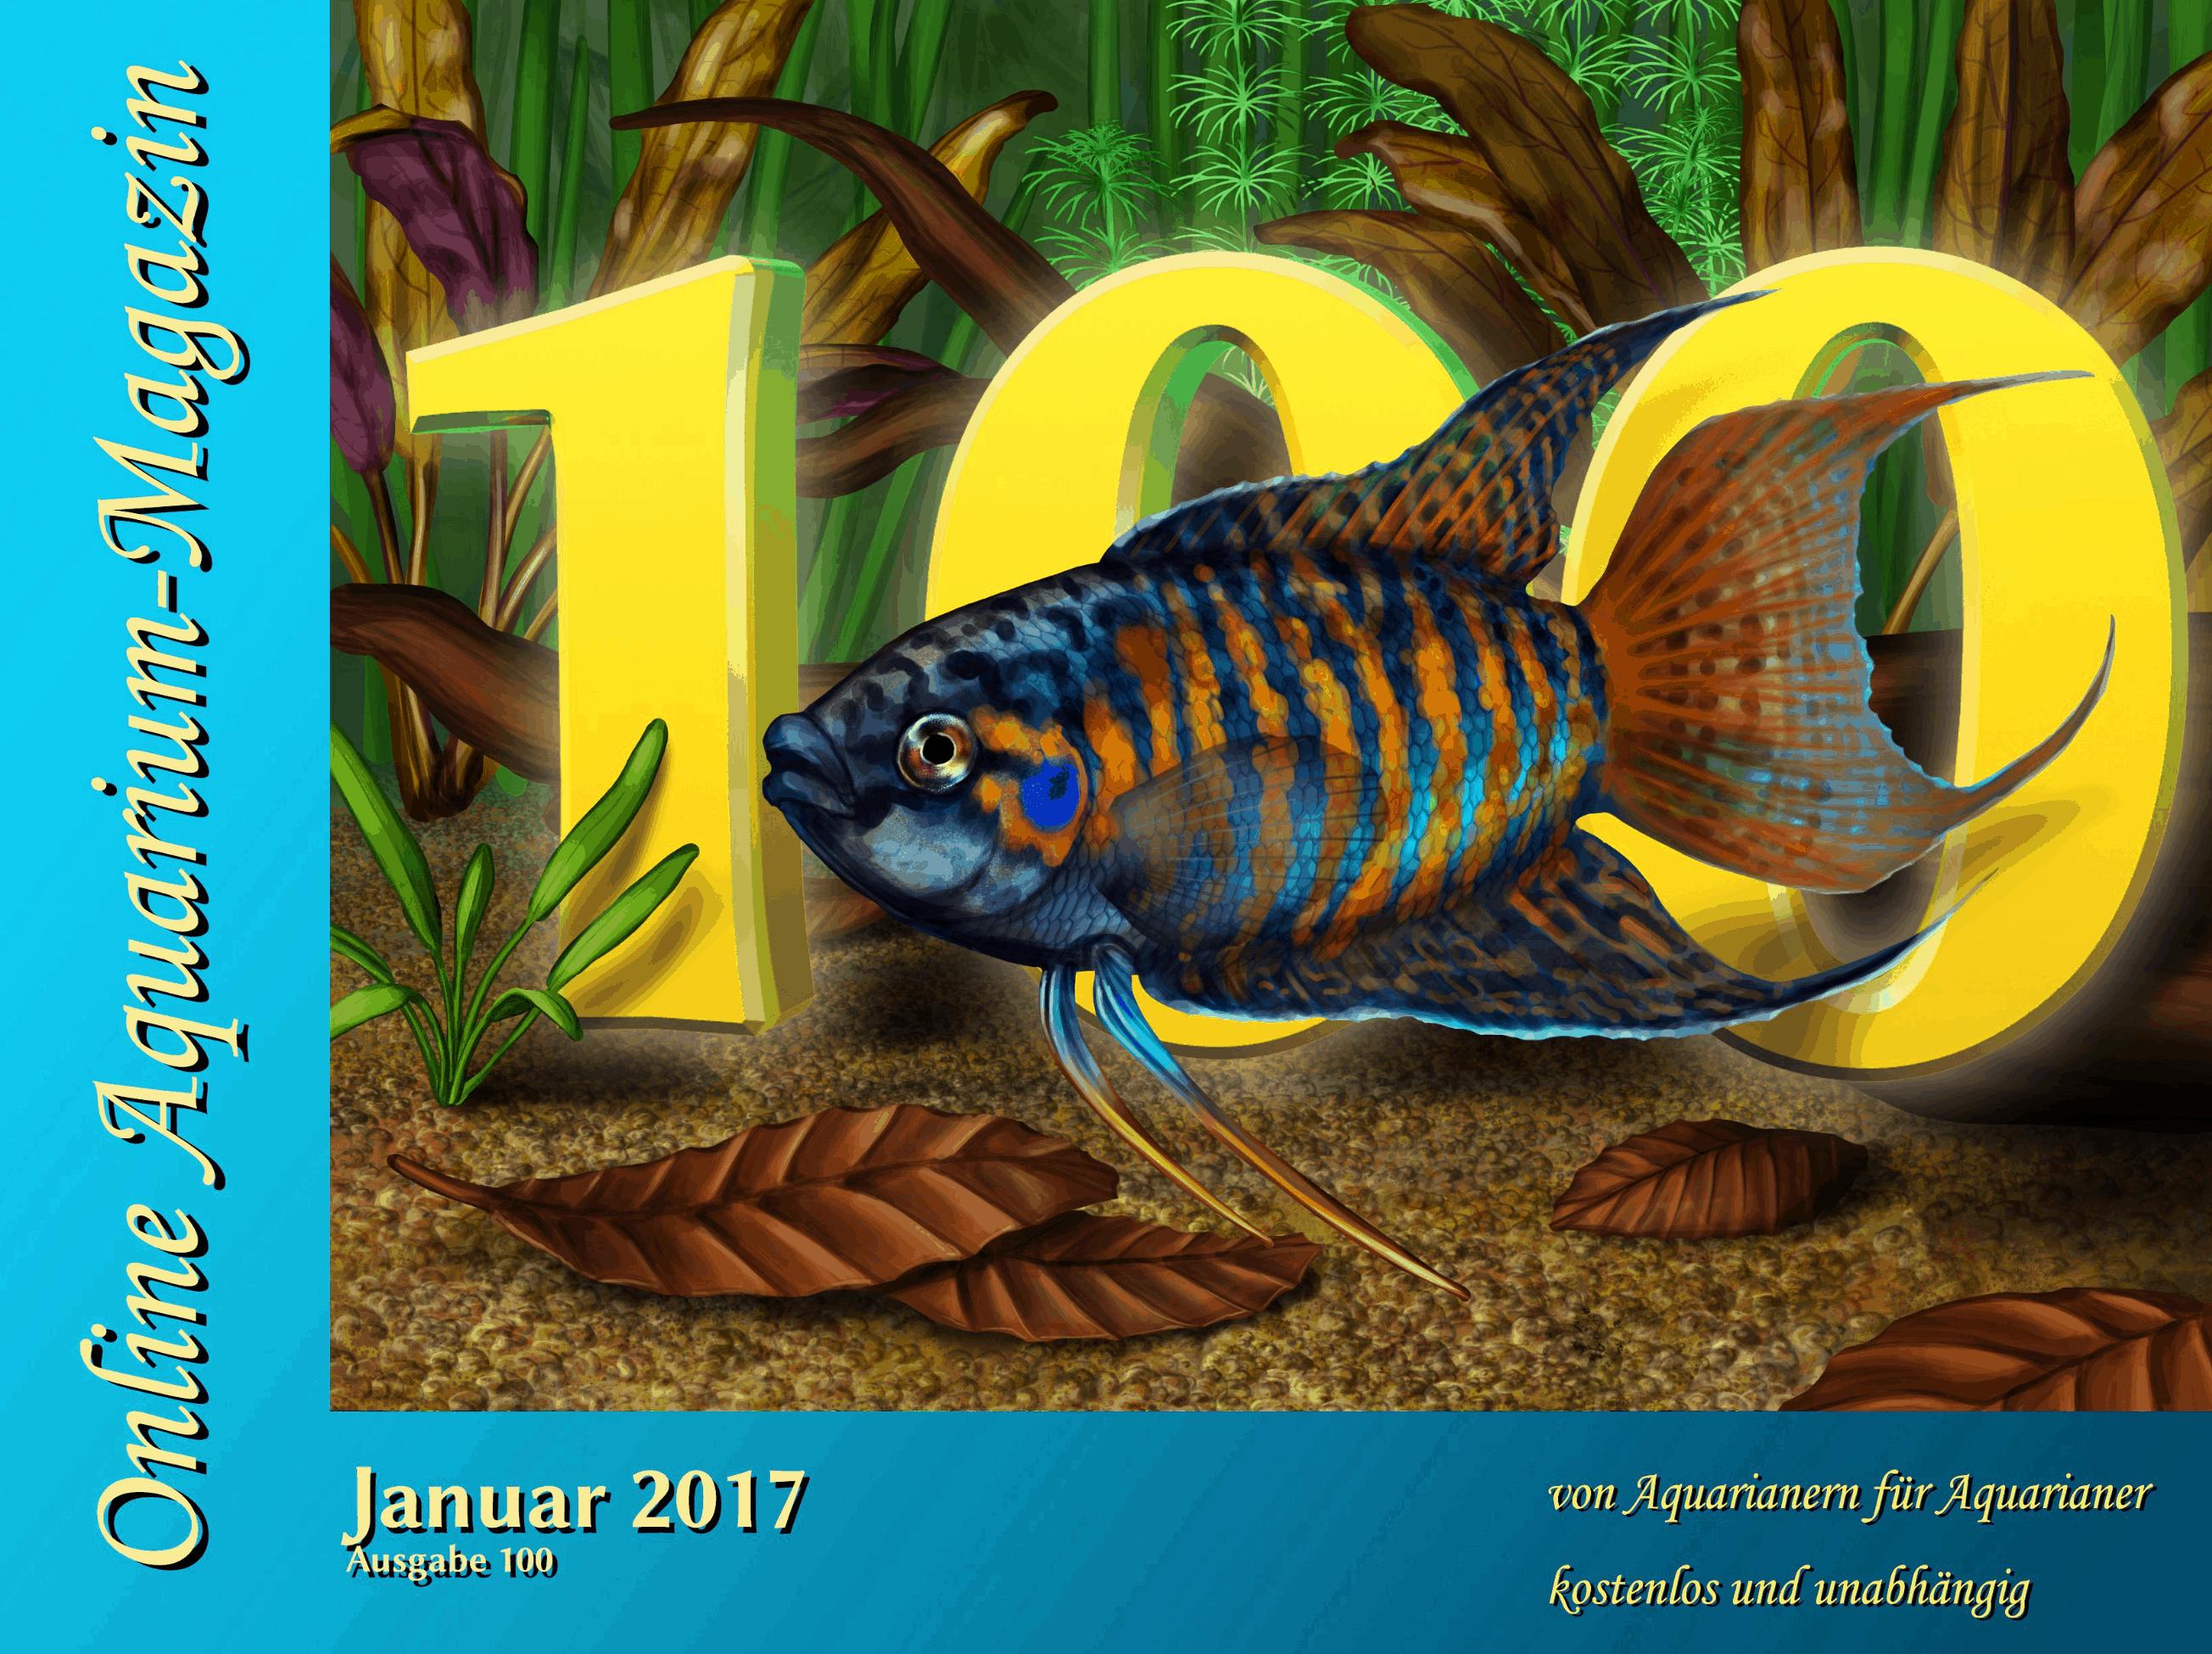 Die 100. Ausgabe des OAM ist erschienen 1